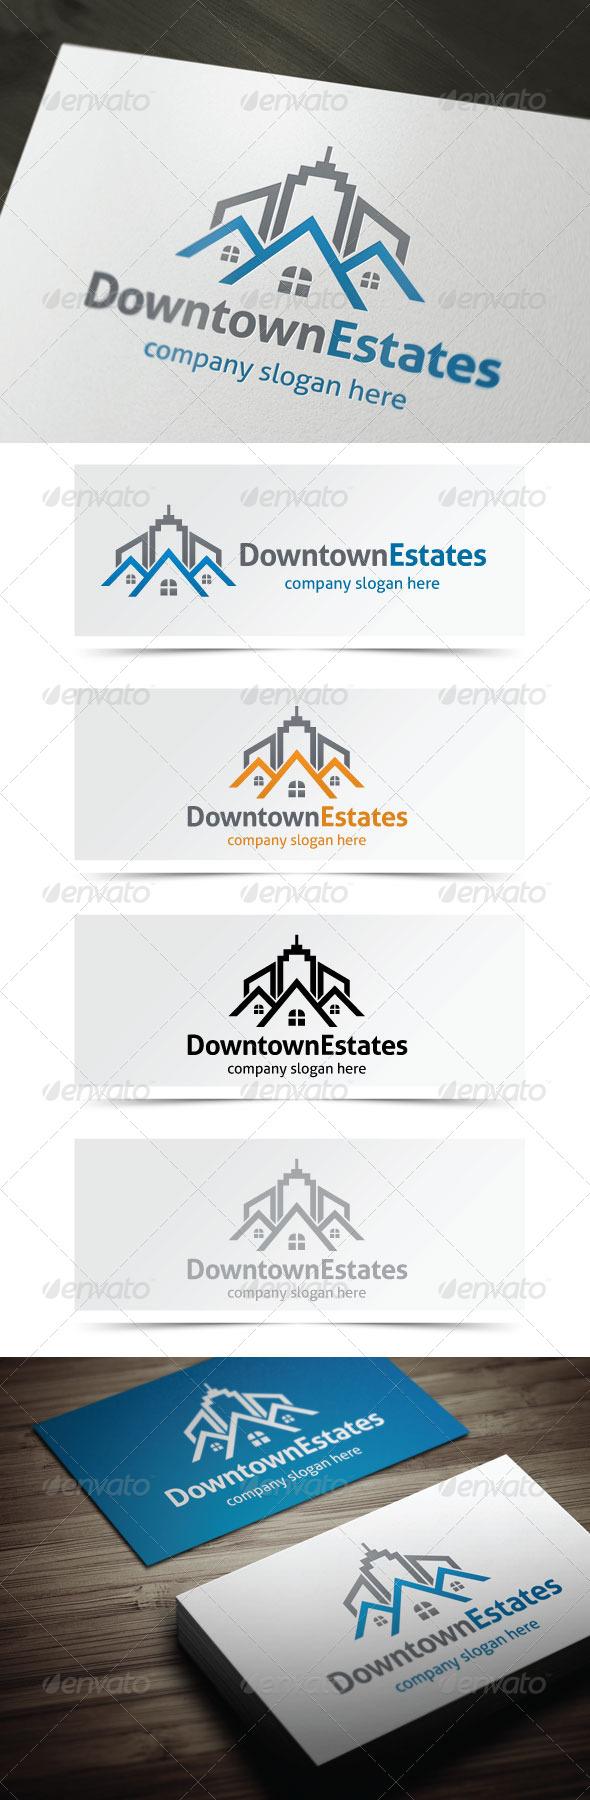 Downtown Estates